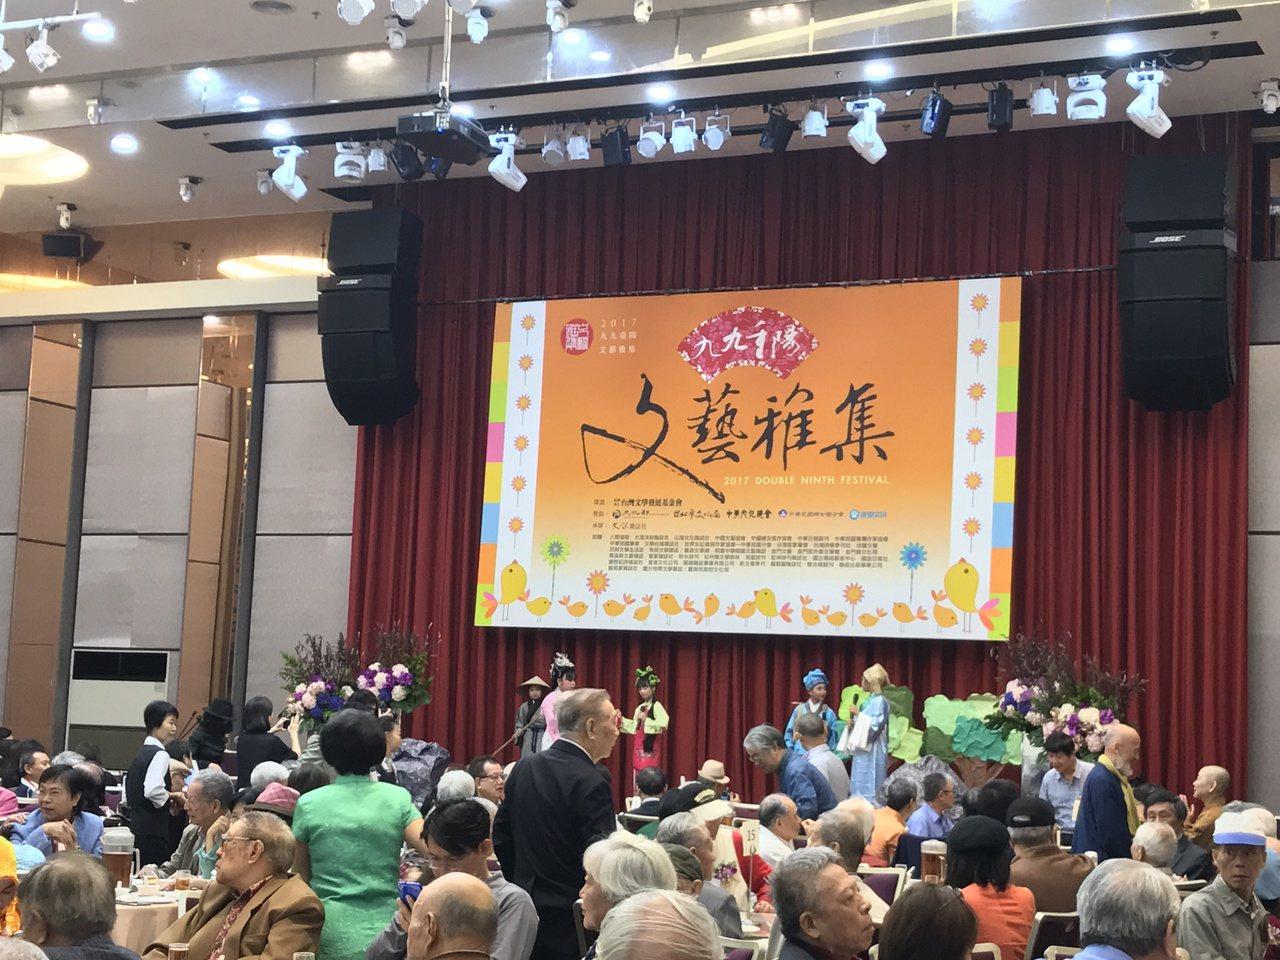 文訊雜誌社今舉辦文藝雅集活動,現場有400多位文人參加。記者王思慧/攝影